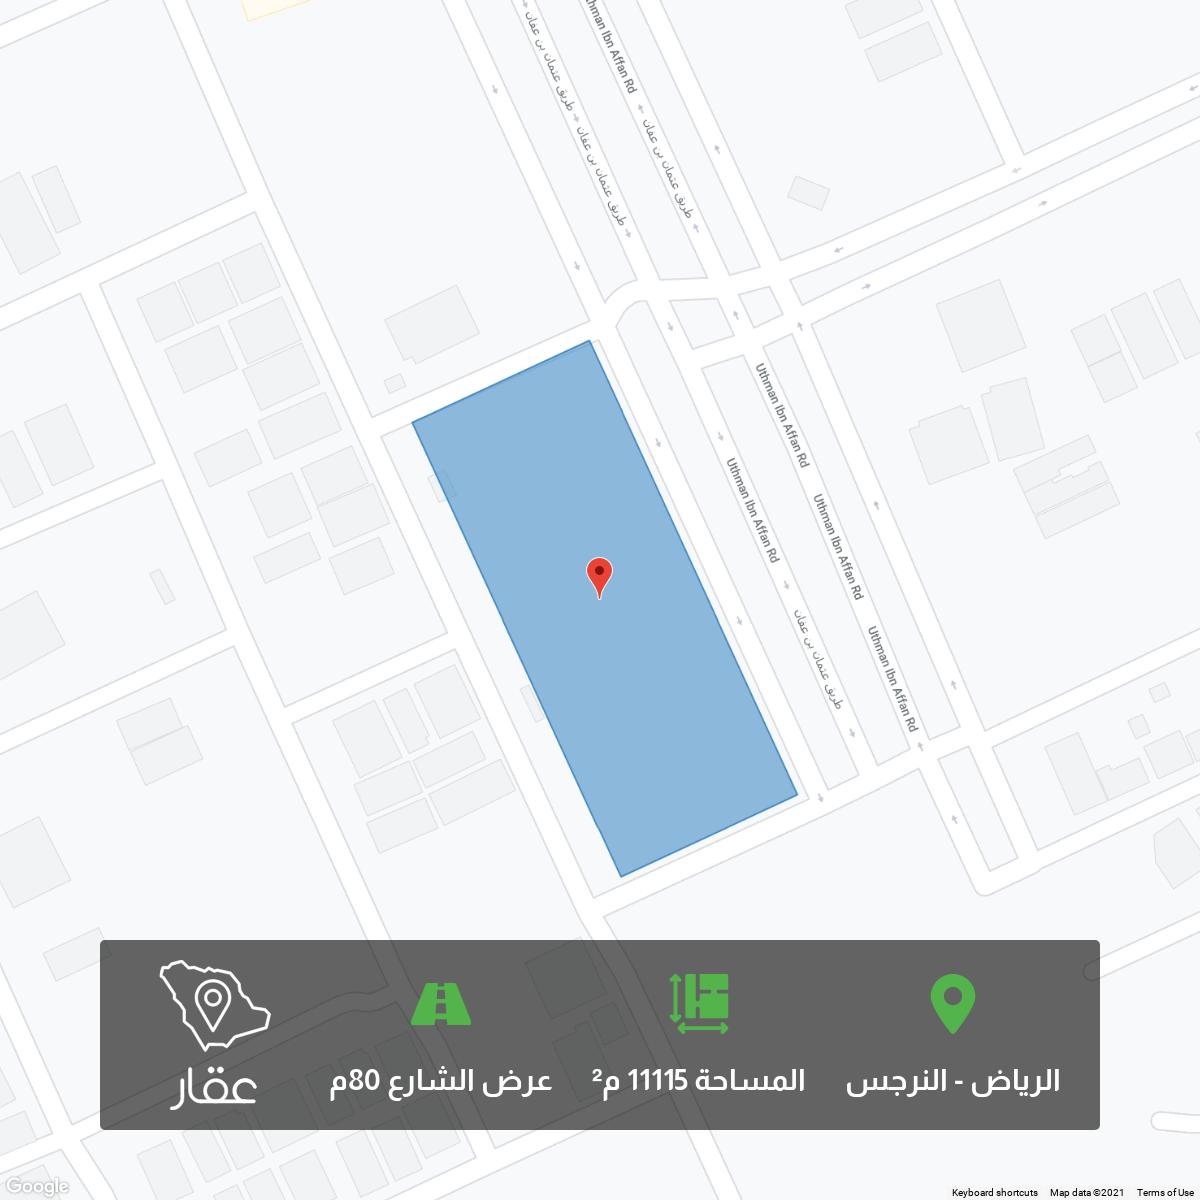 أرض للبيع في طريق عثمان بن عفان, حي النرجس, الرياض